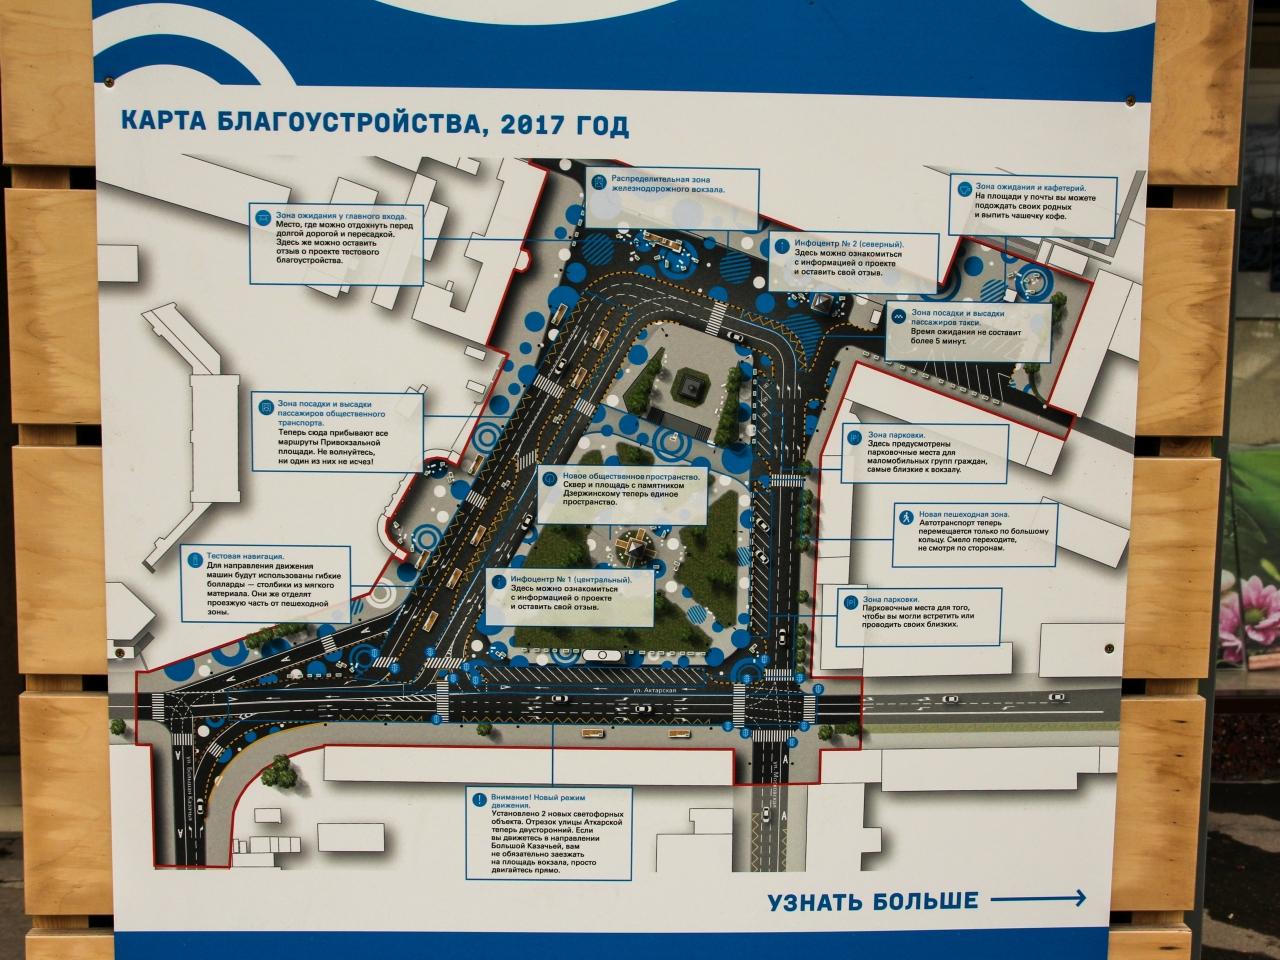 Тестовое благоуйстройство Привокзальной площади Саратова